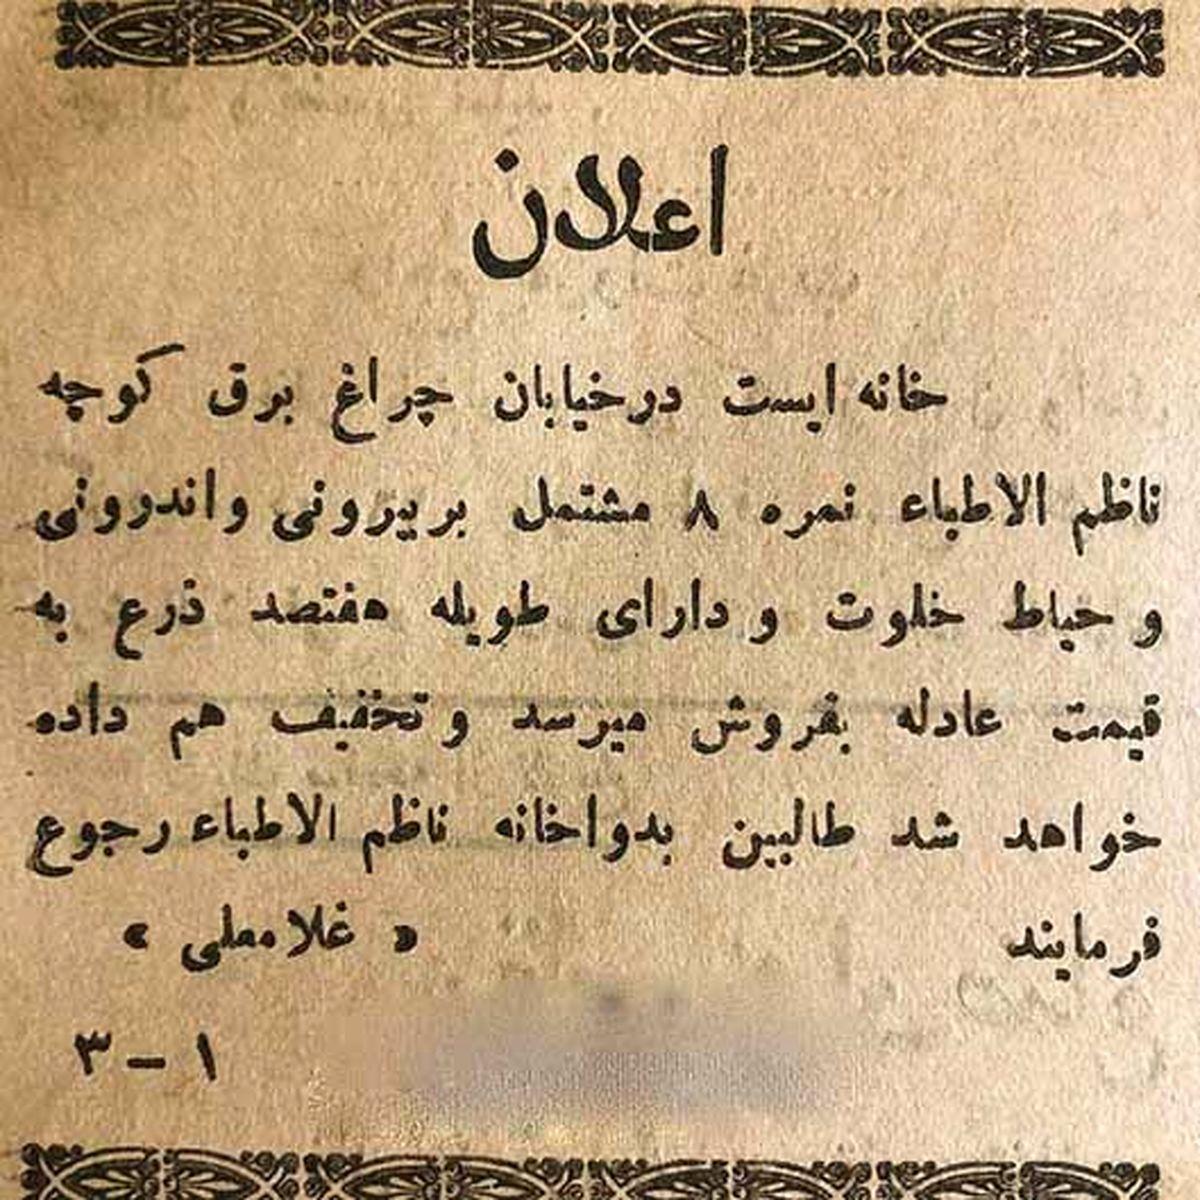 تصویر تاریخی عجیب از اعلان فروش خانه در ناظم الاطبا تهران